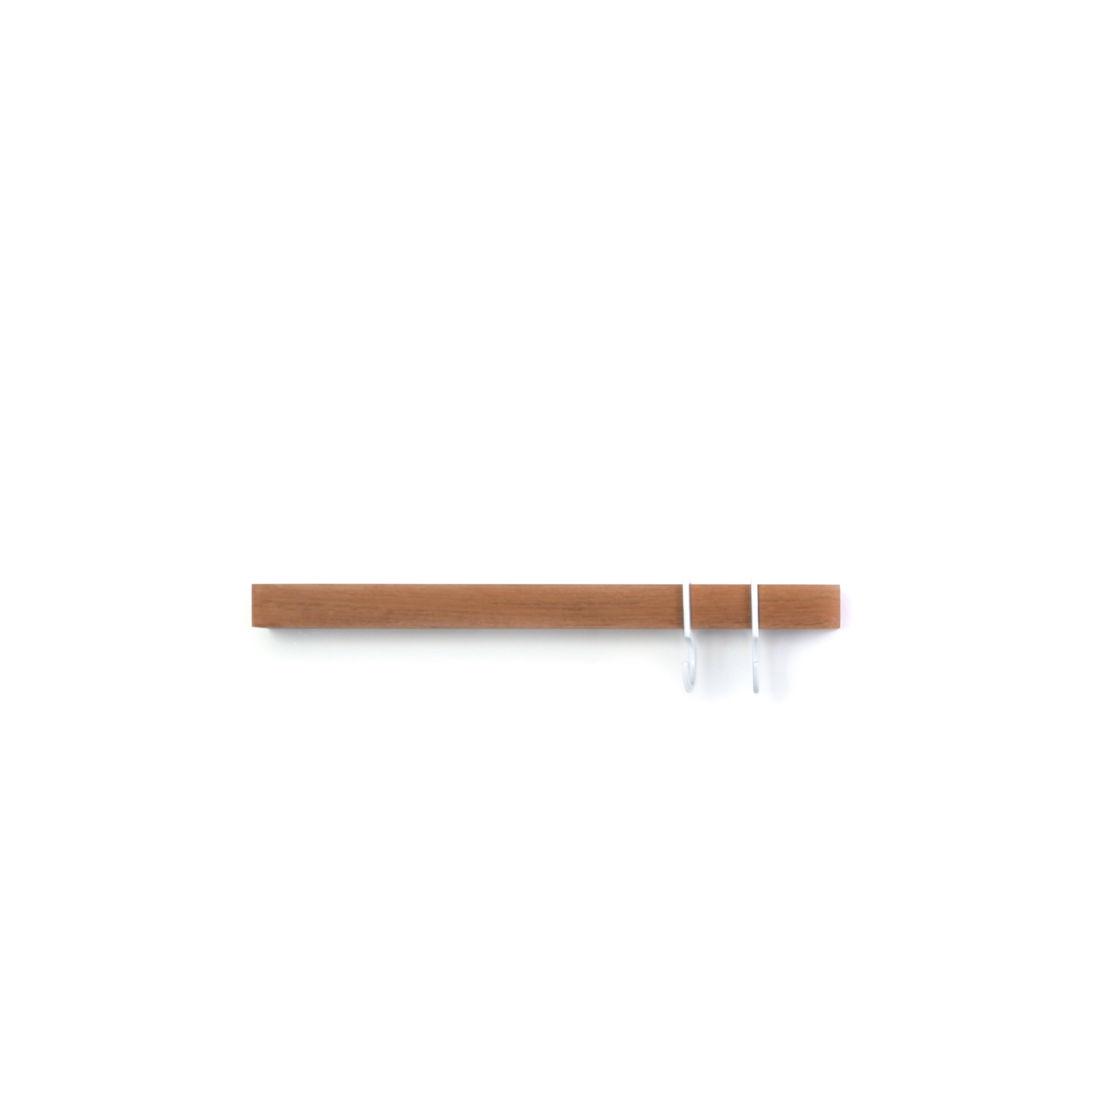 FIGR1 Wandplank Jatoba - Surface - 30 €29,95